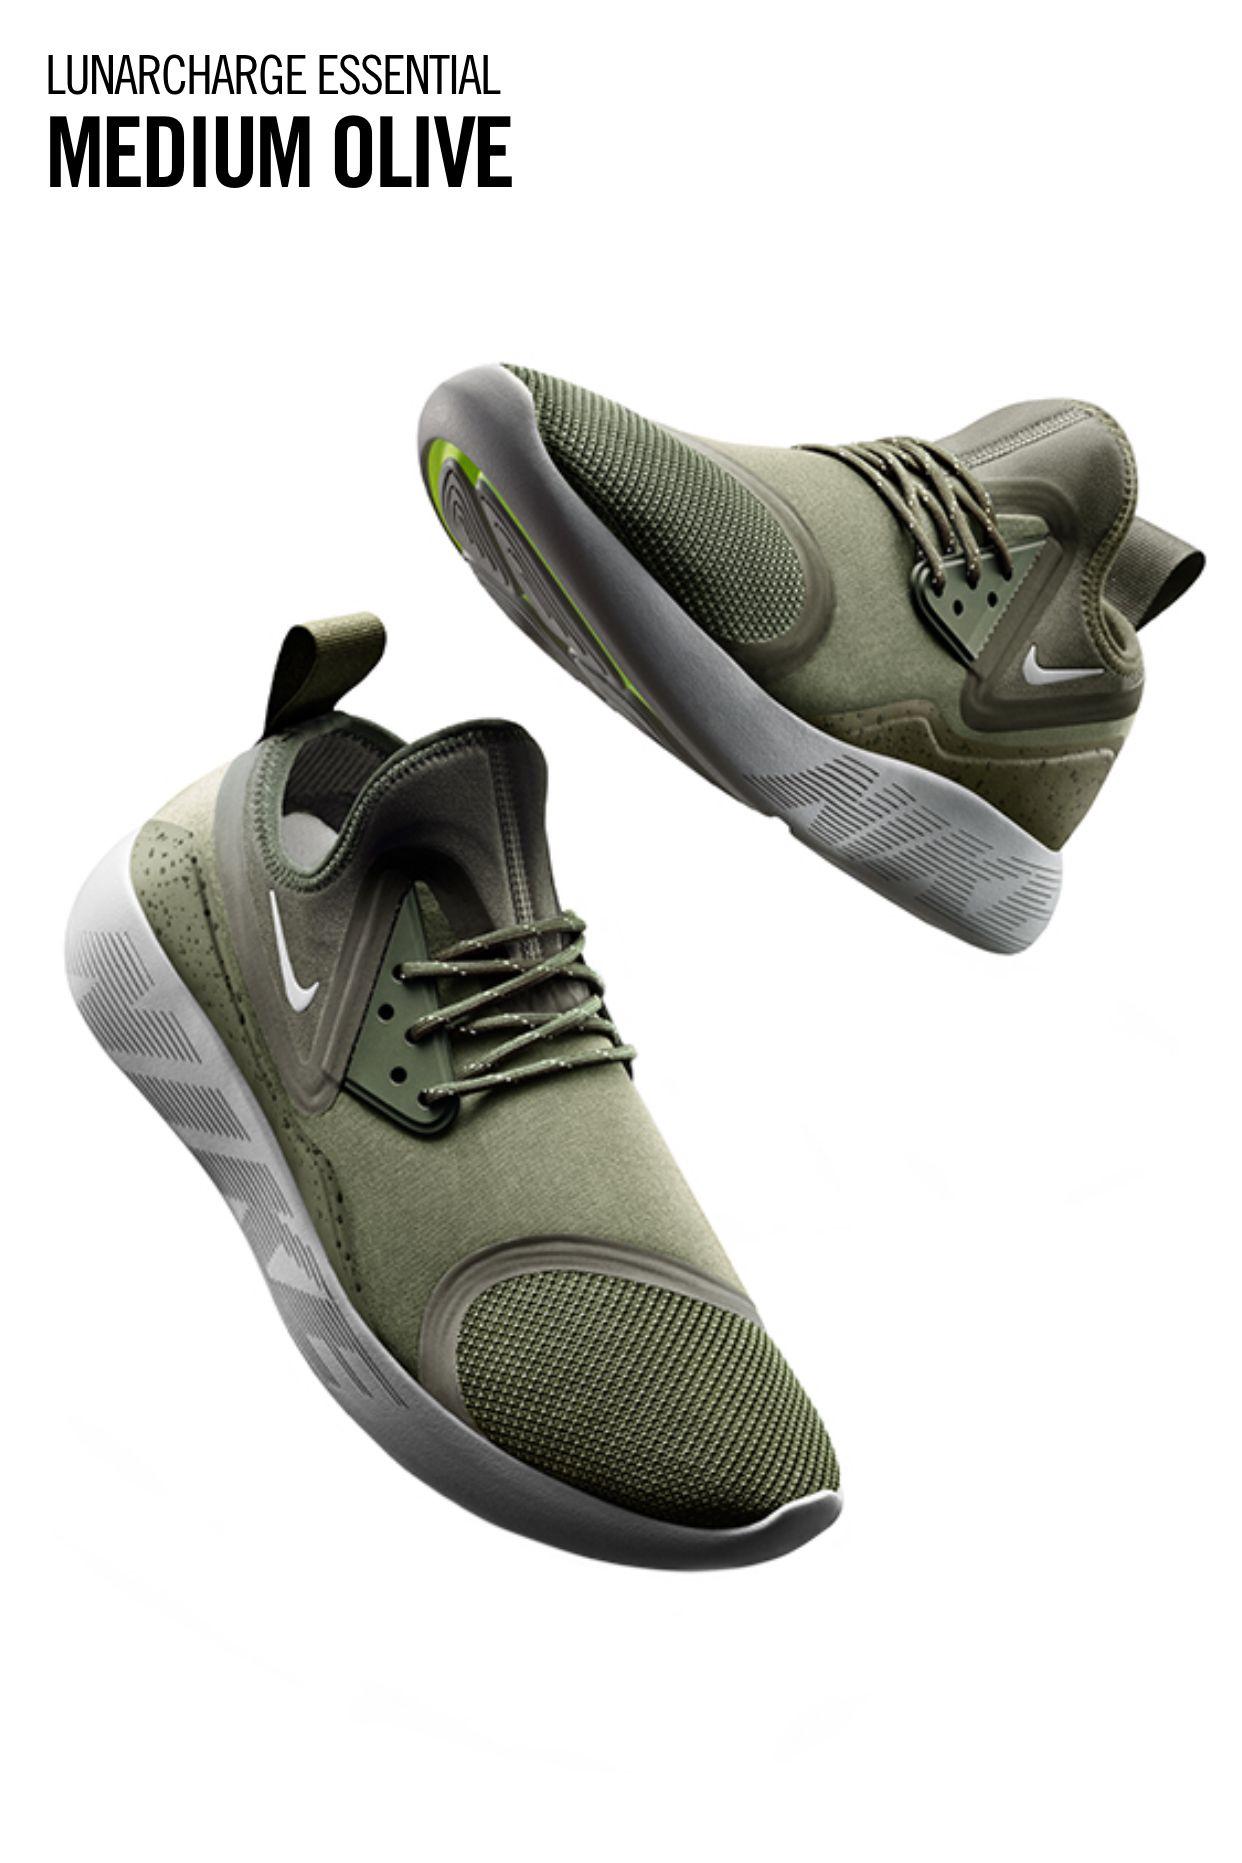 05cf6baad497 Via Nike+ SNKRS  nike .com snkrs thread 1ffa32064e23deb02765878aa0731aac4cd2c0c4